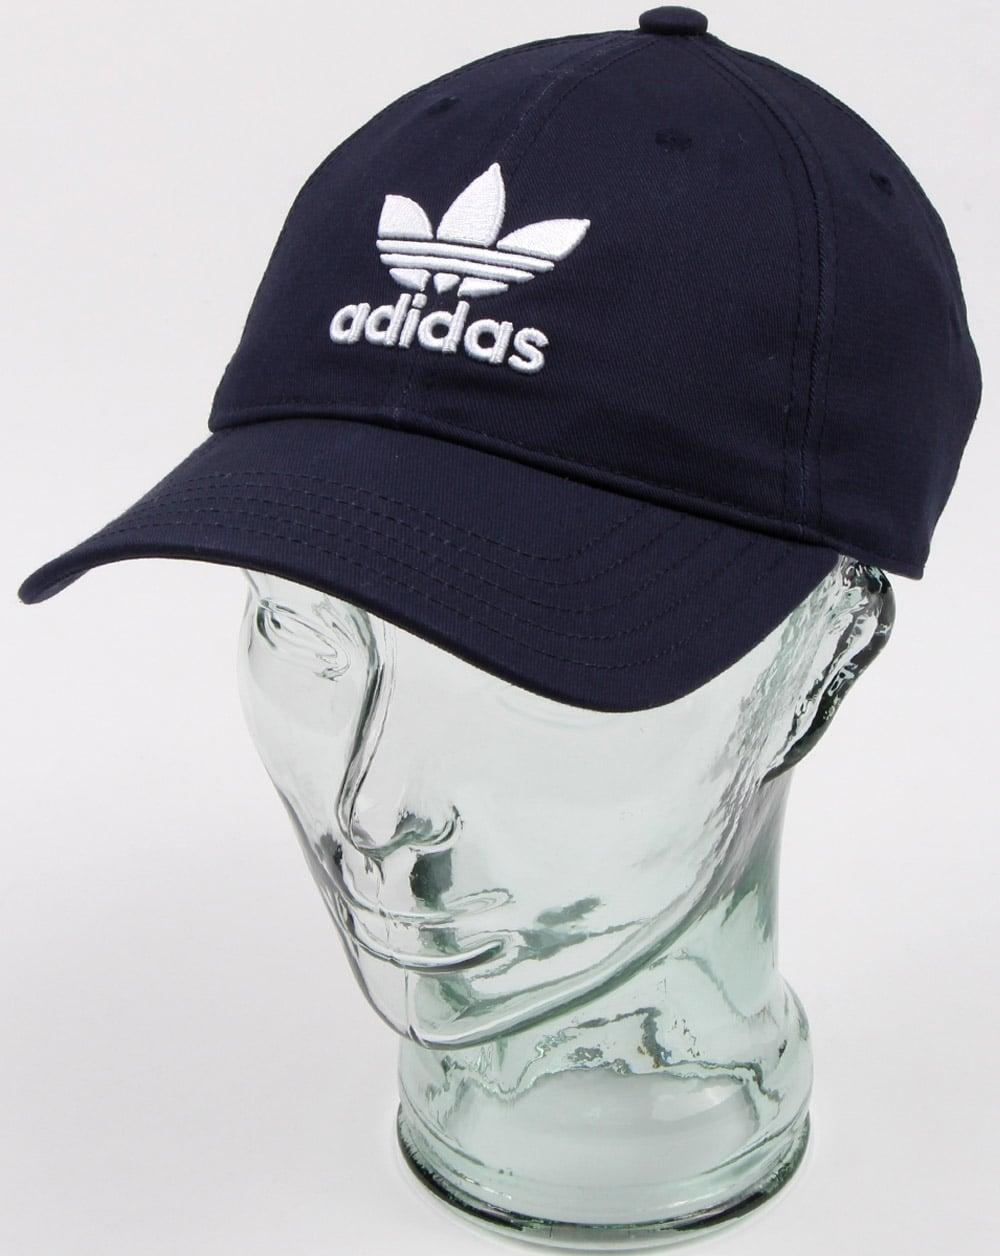 e5642c7d6e2 adidas Originals Adidas Originals Trefoil Cap Navy white